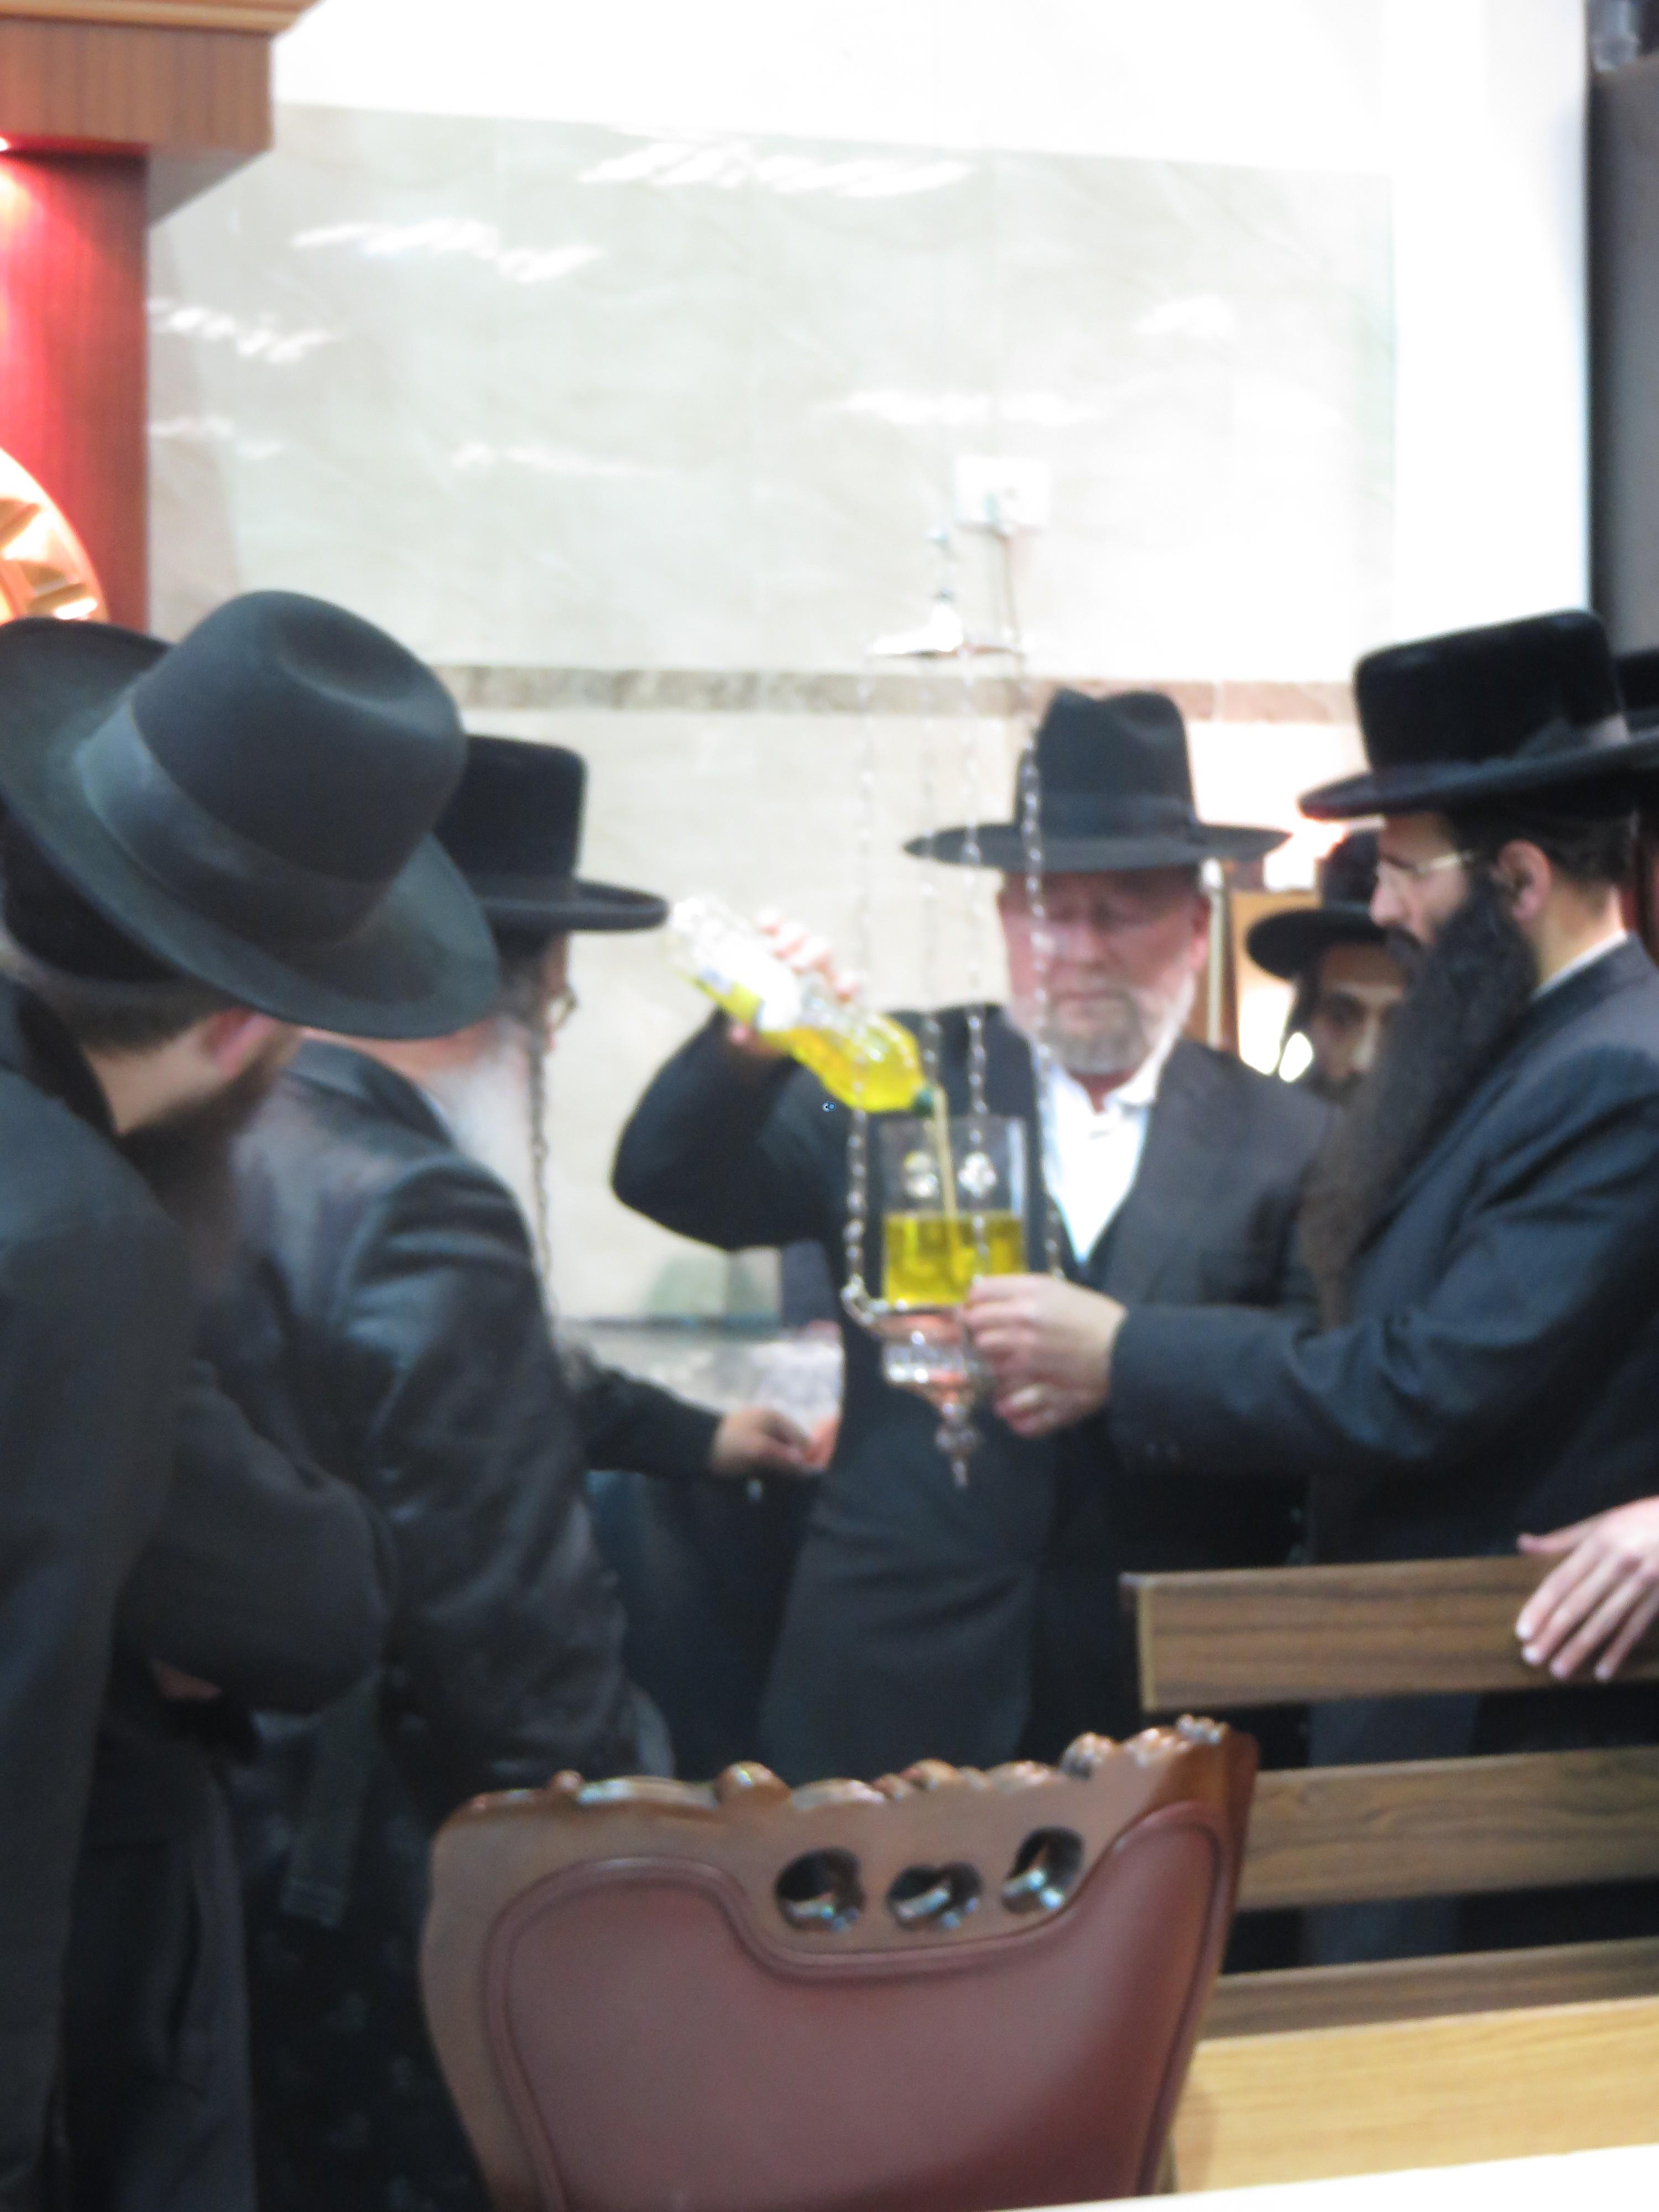 נדבורנא ירושלים בהילולת אביו צילם מוטי (6)